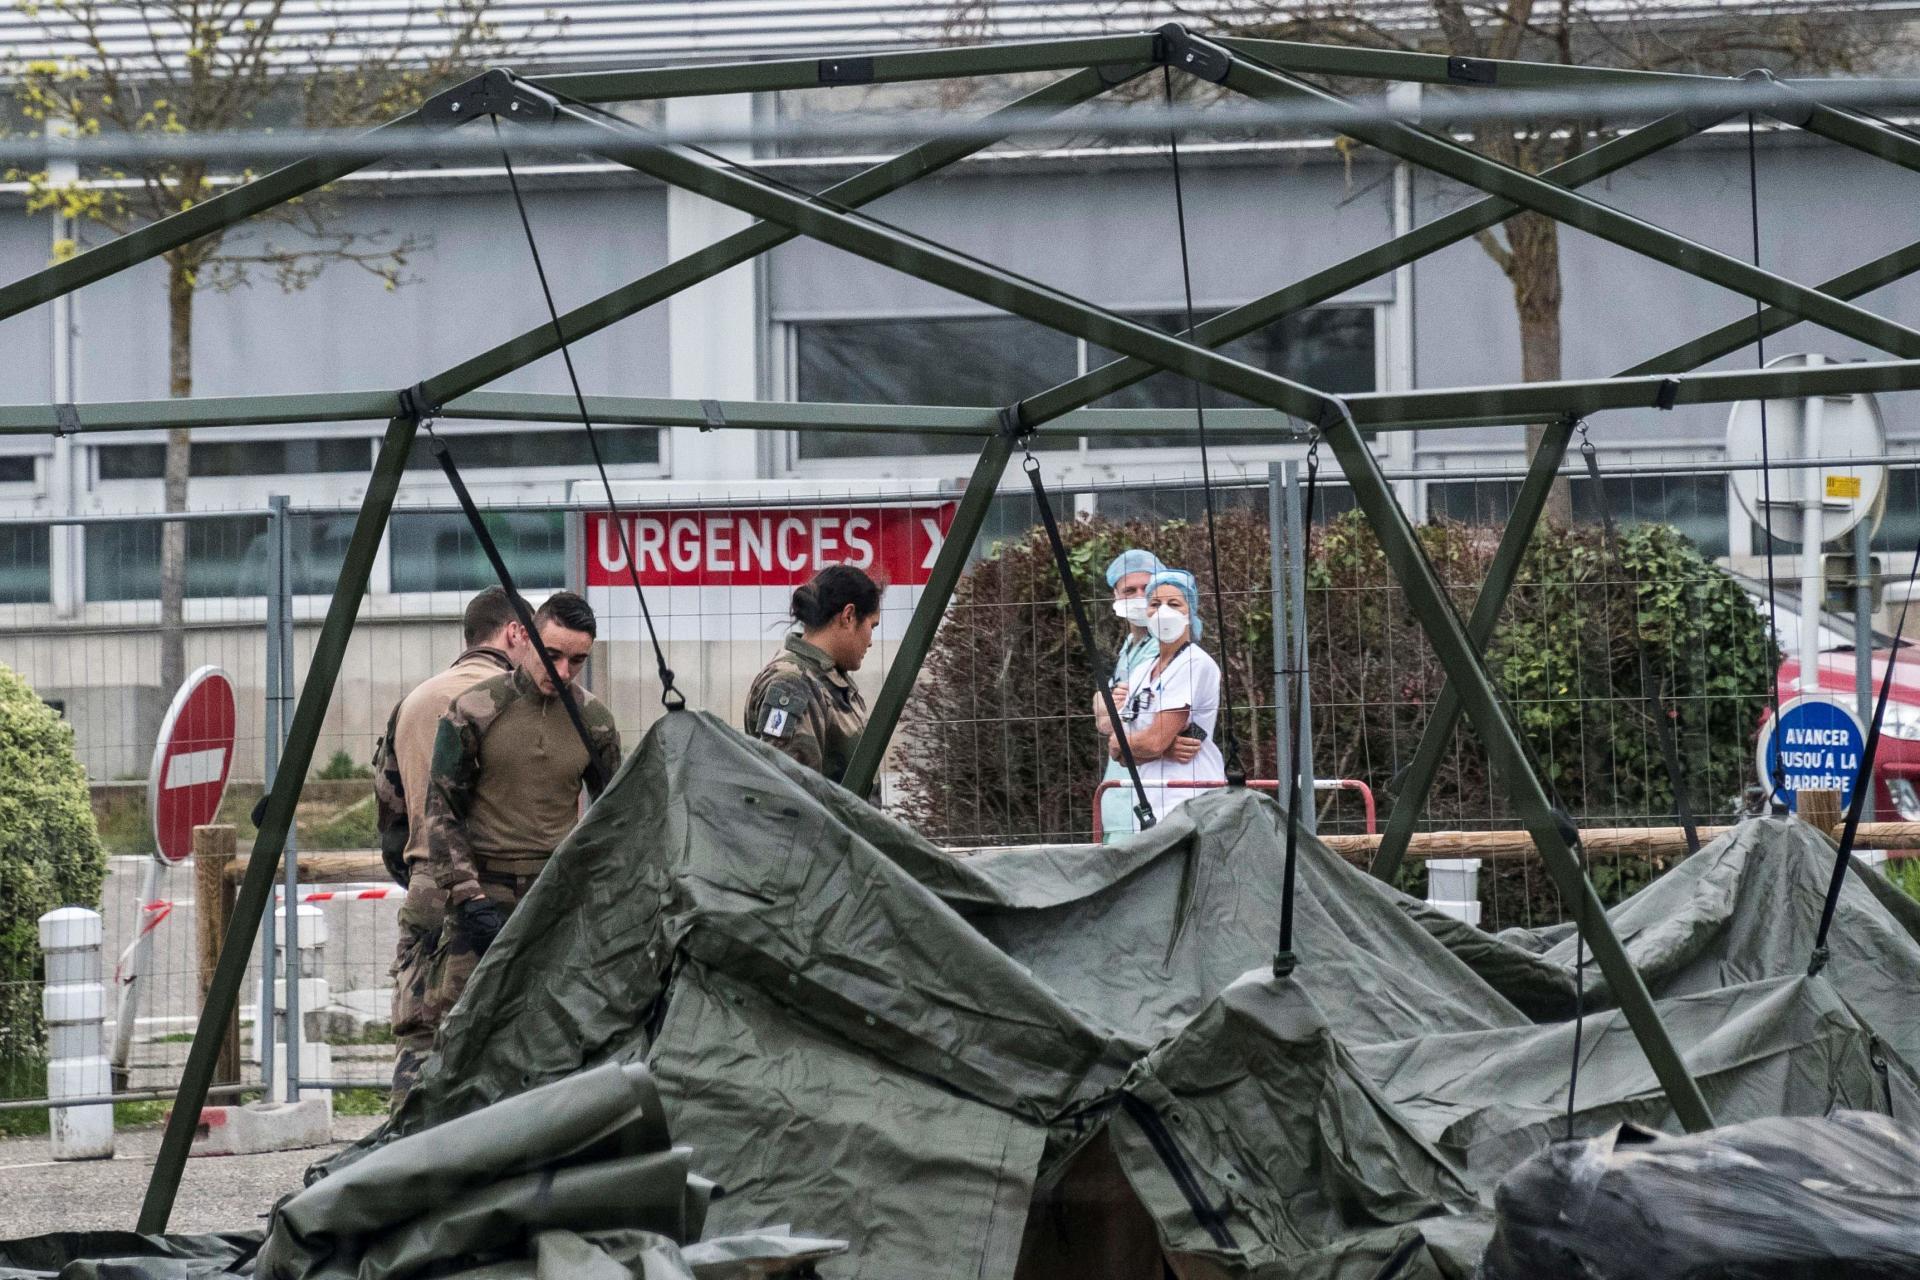 L'hôpital militaire est attendu avec impatience par le personnel de l'hôpital Emile-Muller de Mulhouse.